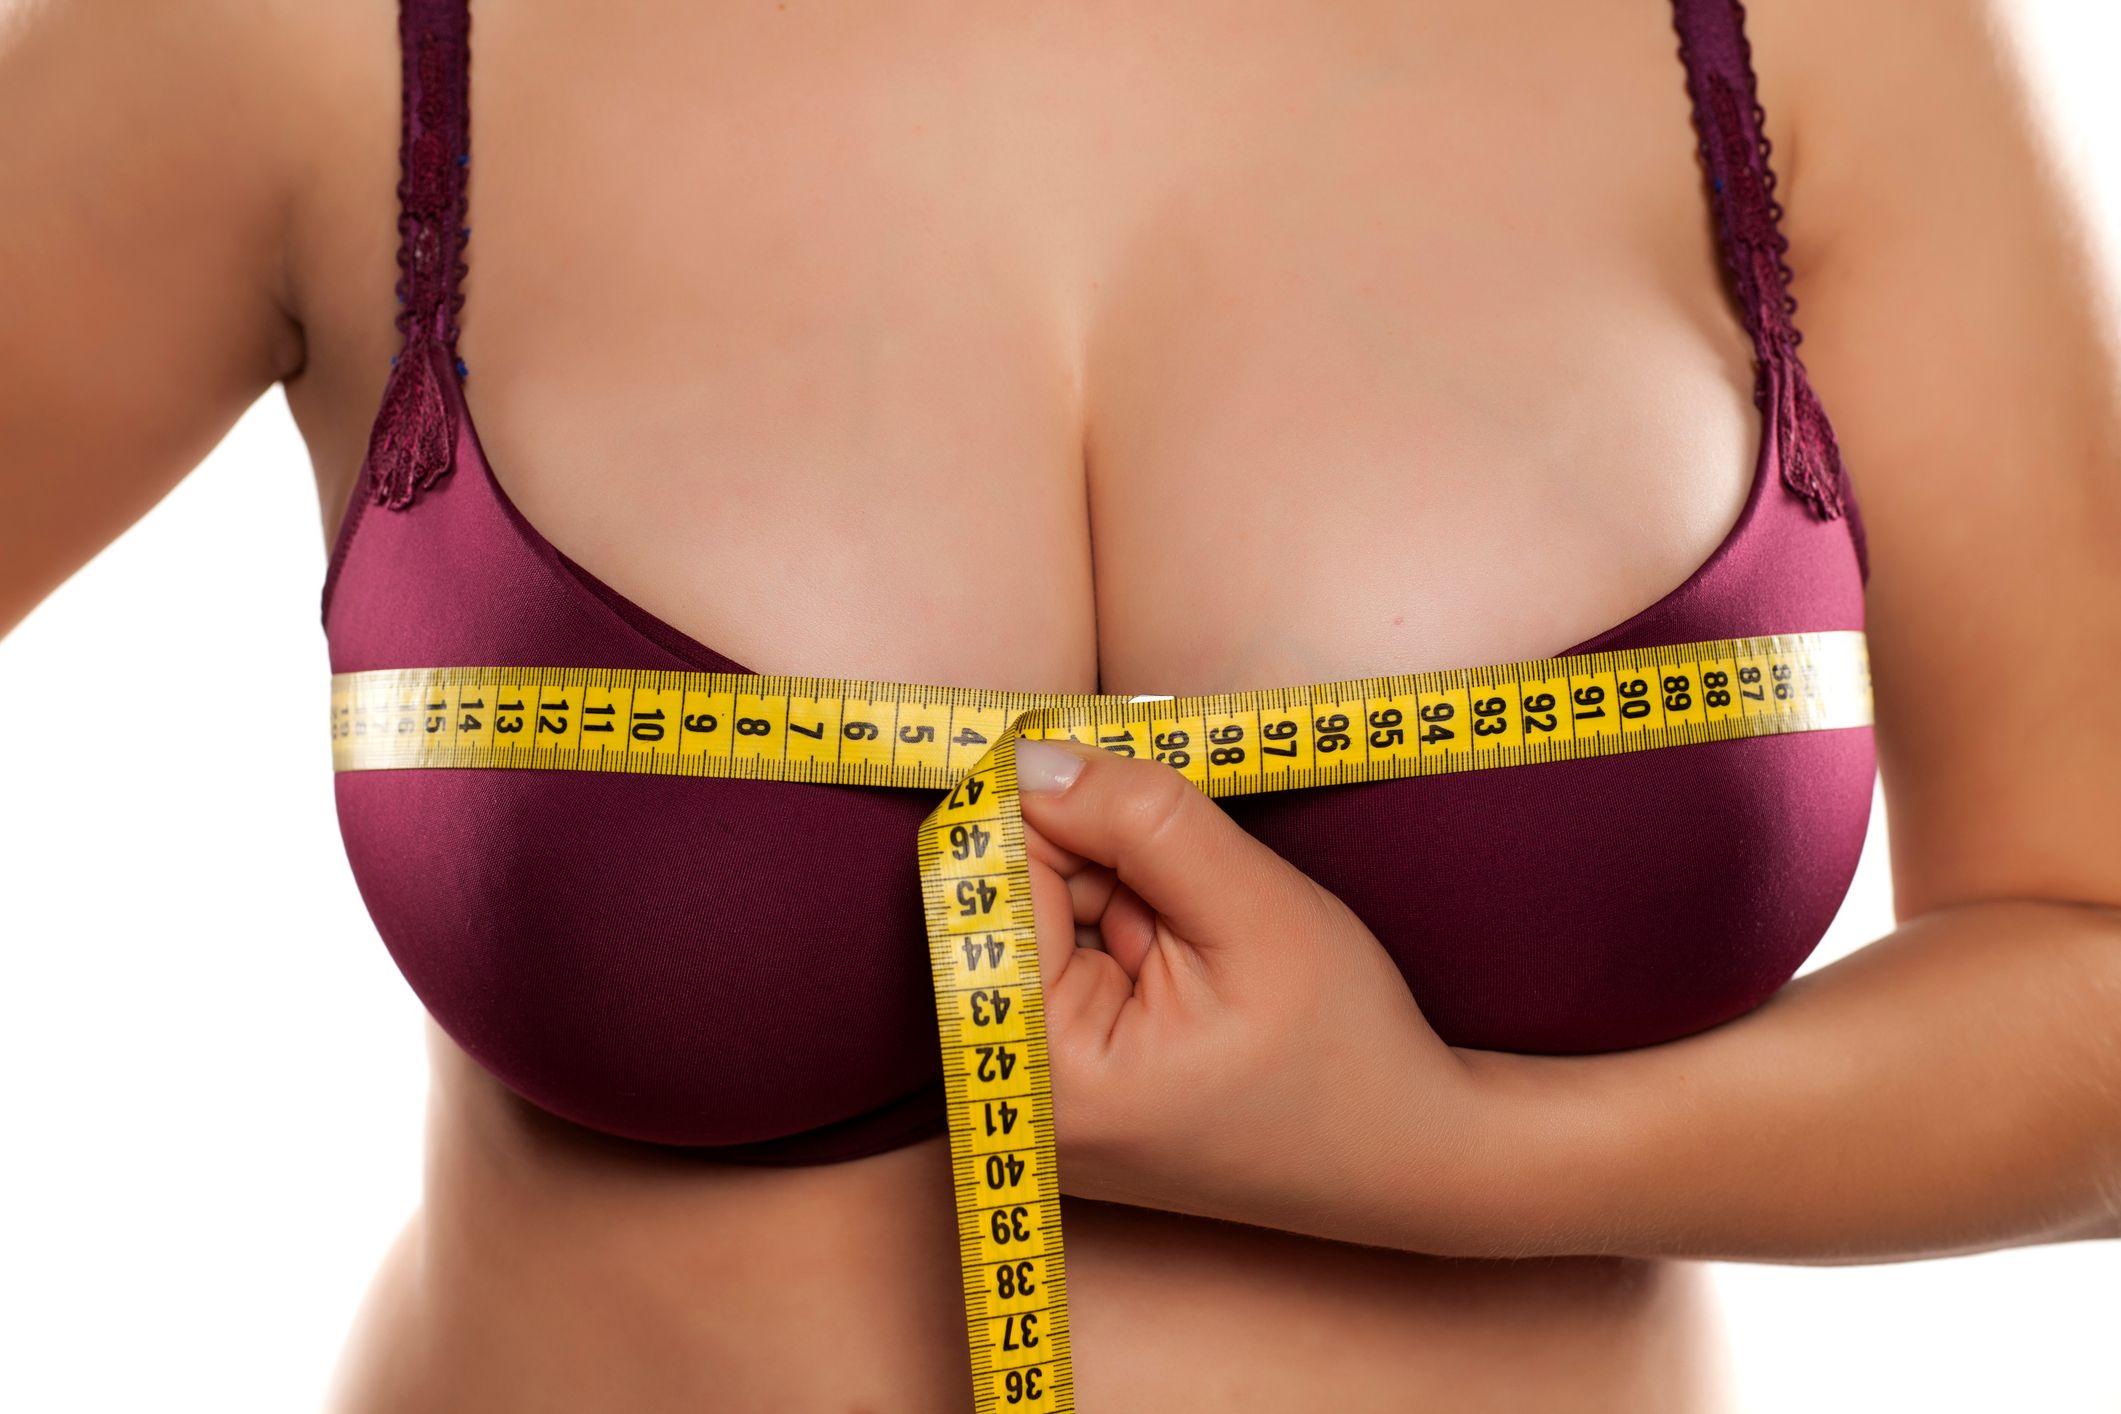 comment brûler naturellement la graisse corporelle perdre du poids lakeland